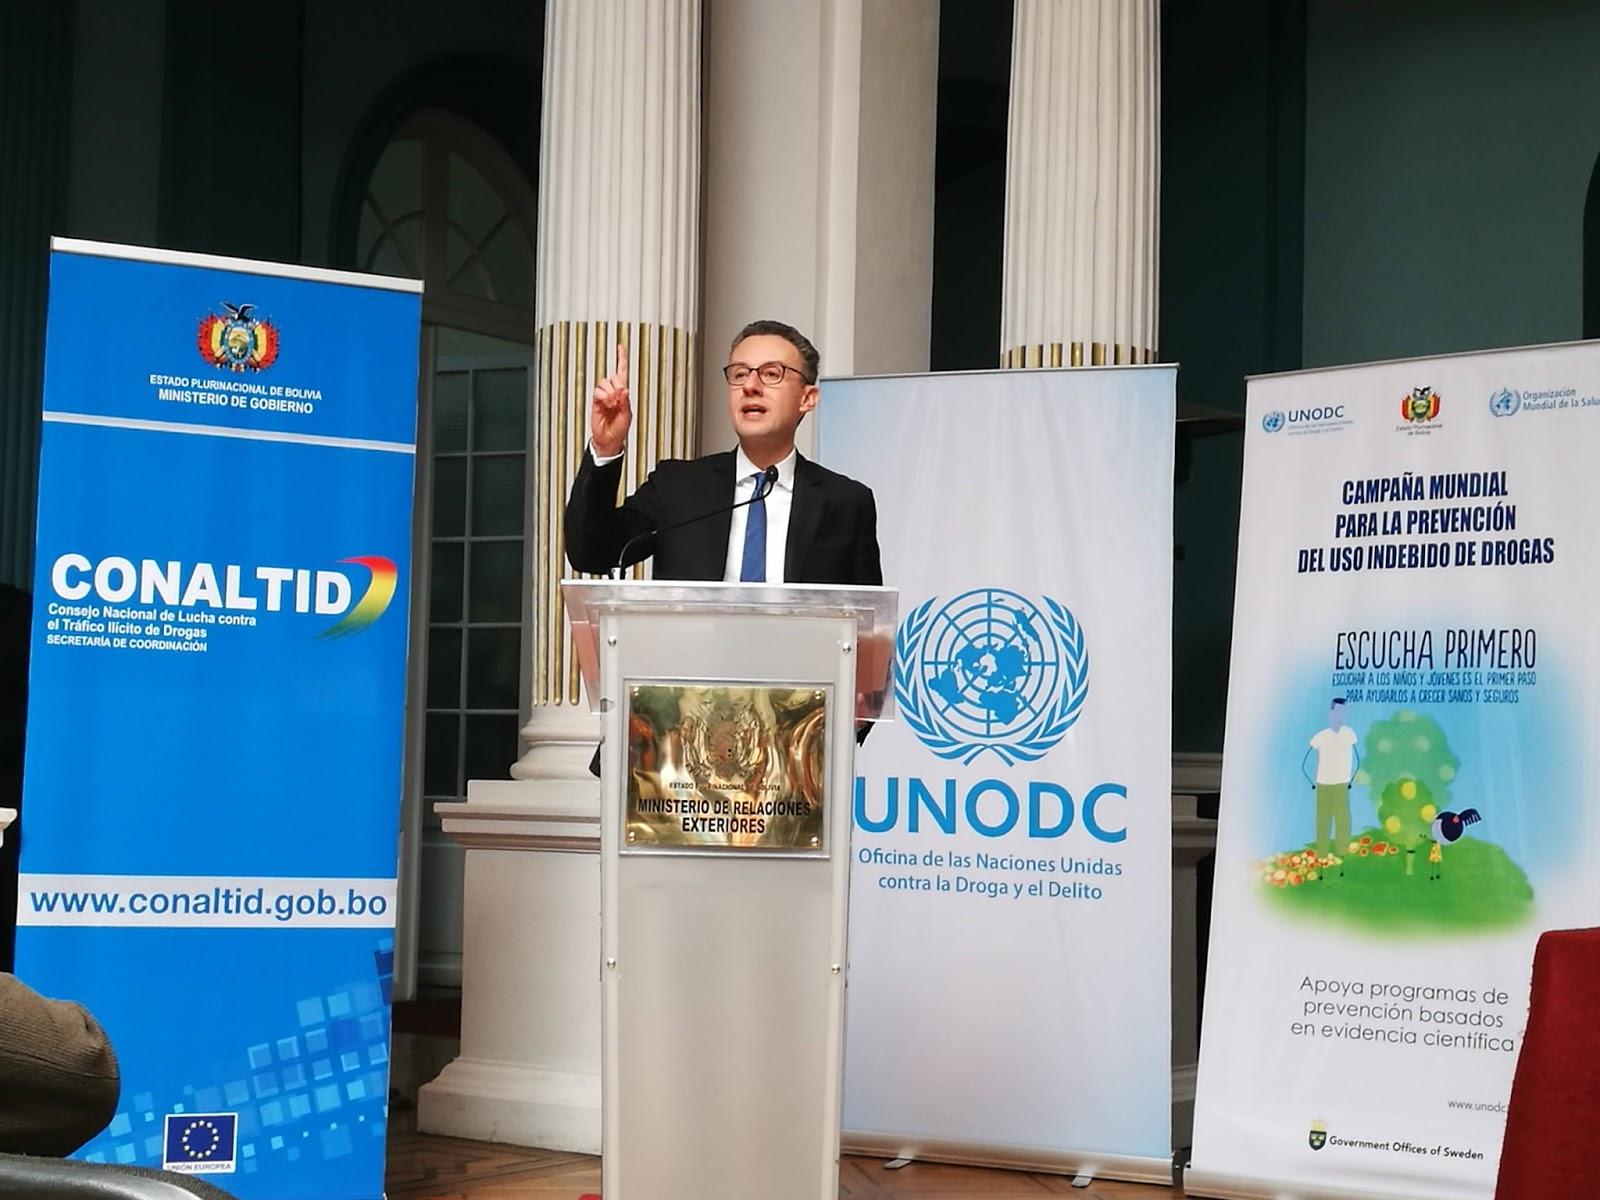 De Leo en la presentación del convenio con Conaltid y Ministerio de Gobierno